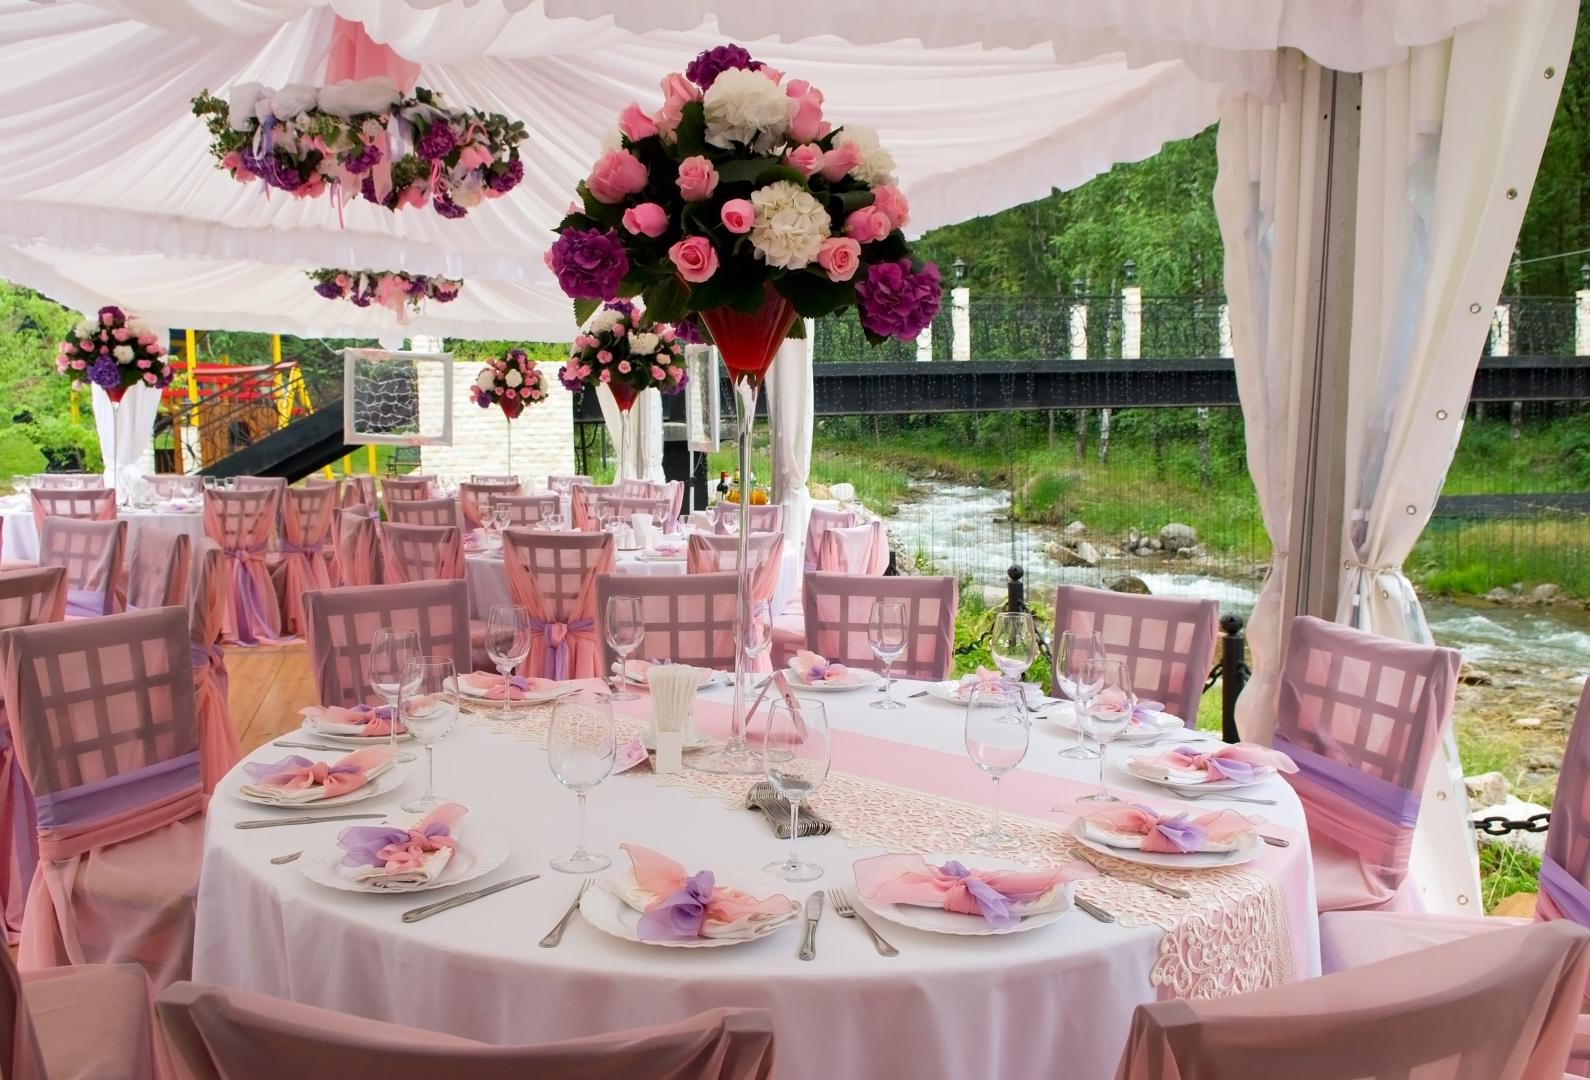 Des idées pour décorer soi-même ses tables de mariage